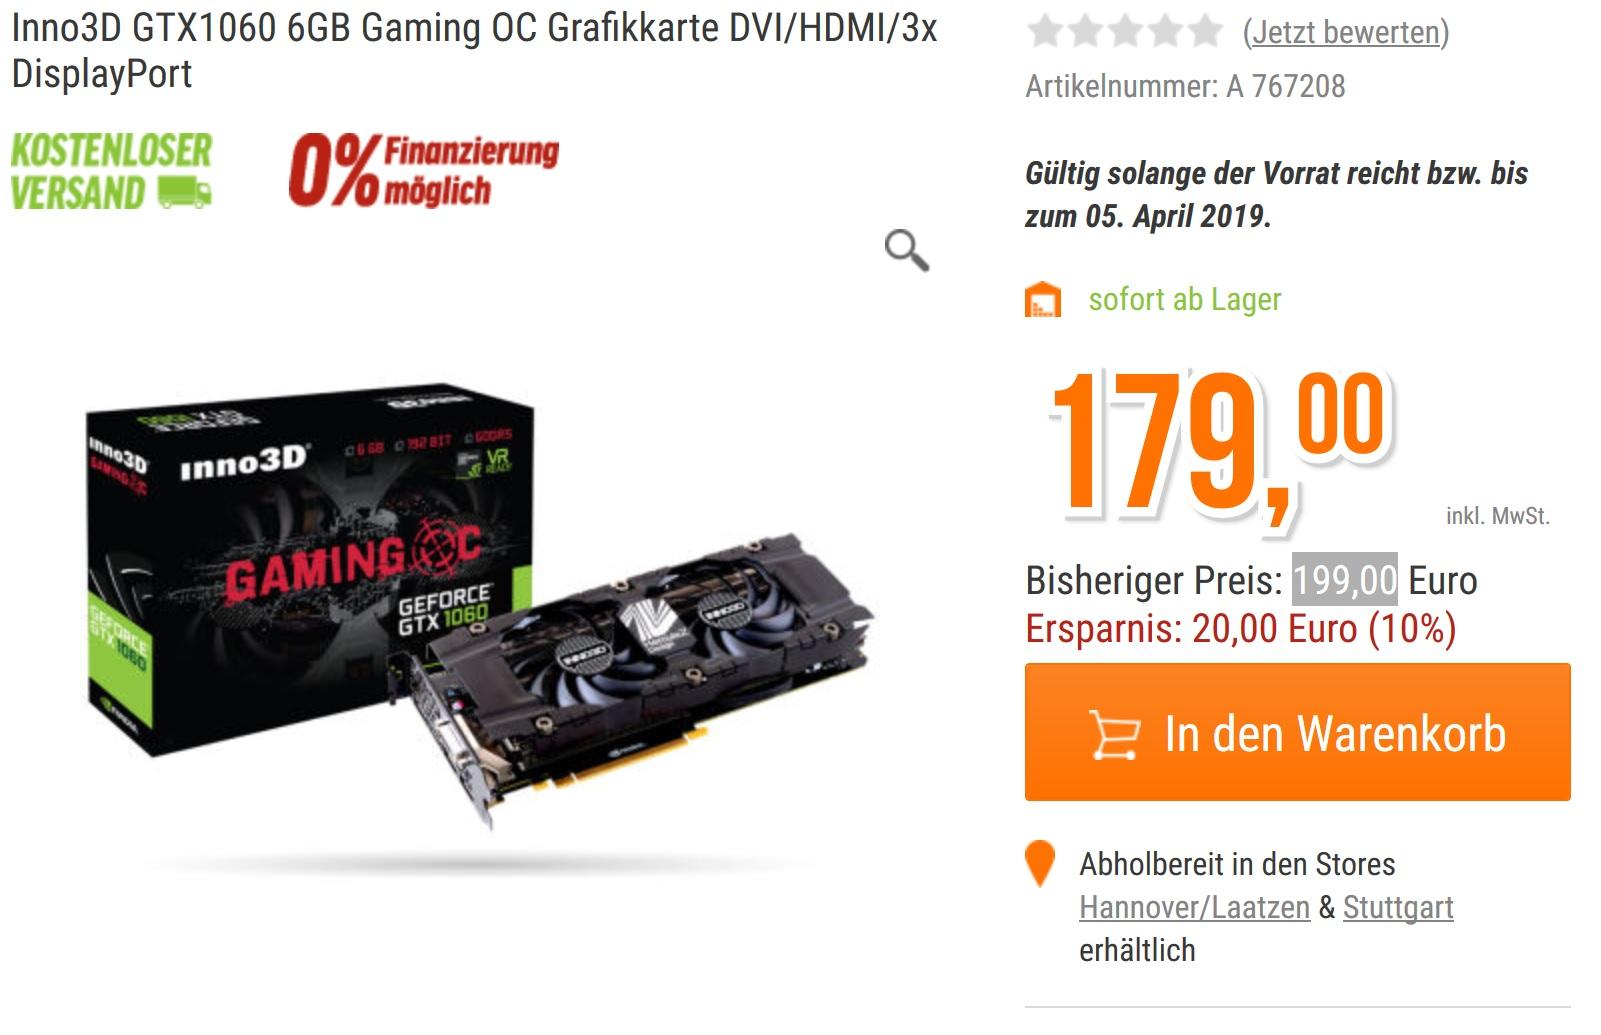 Inno3D GTX1060 6GB Gaming OC DVI/HDMI/3x DisplayPort ohne Versandkosten dazu Fortnite Bundle